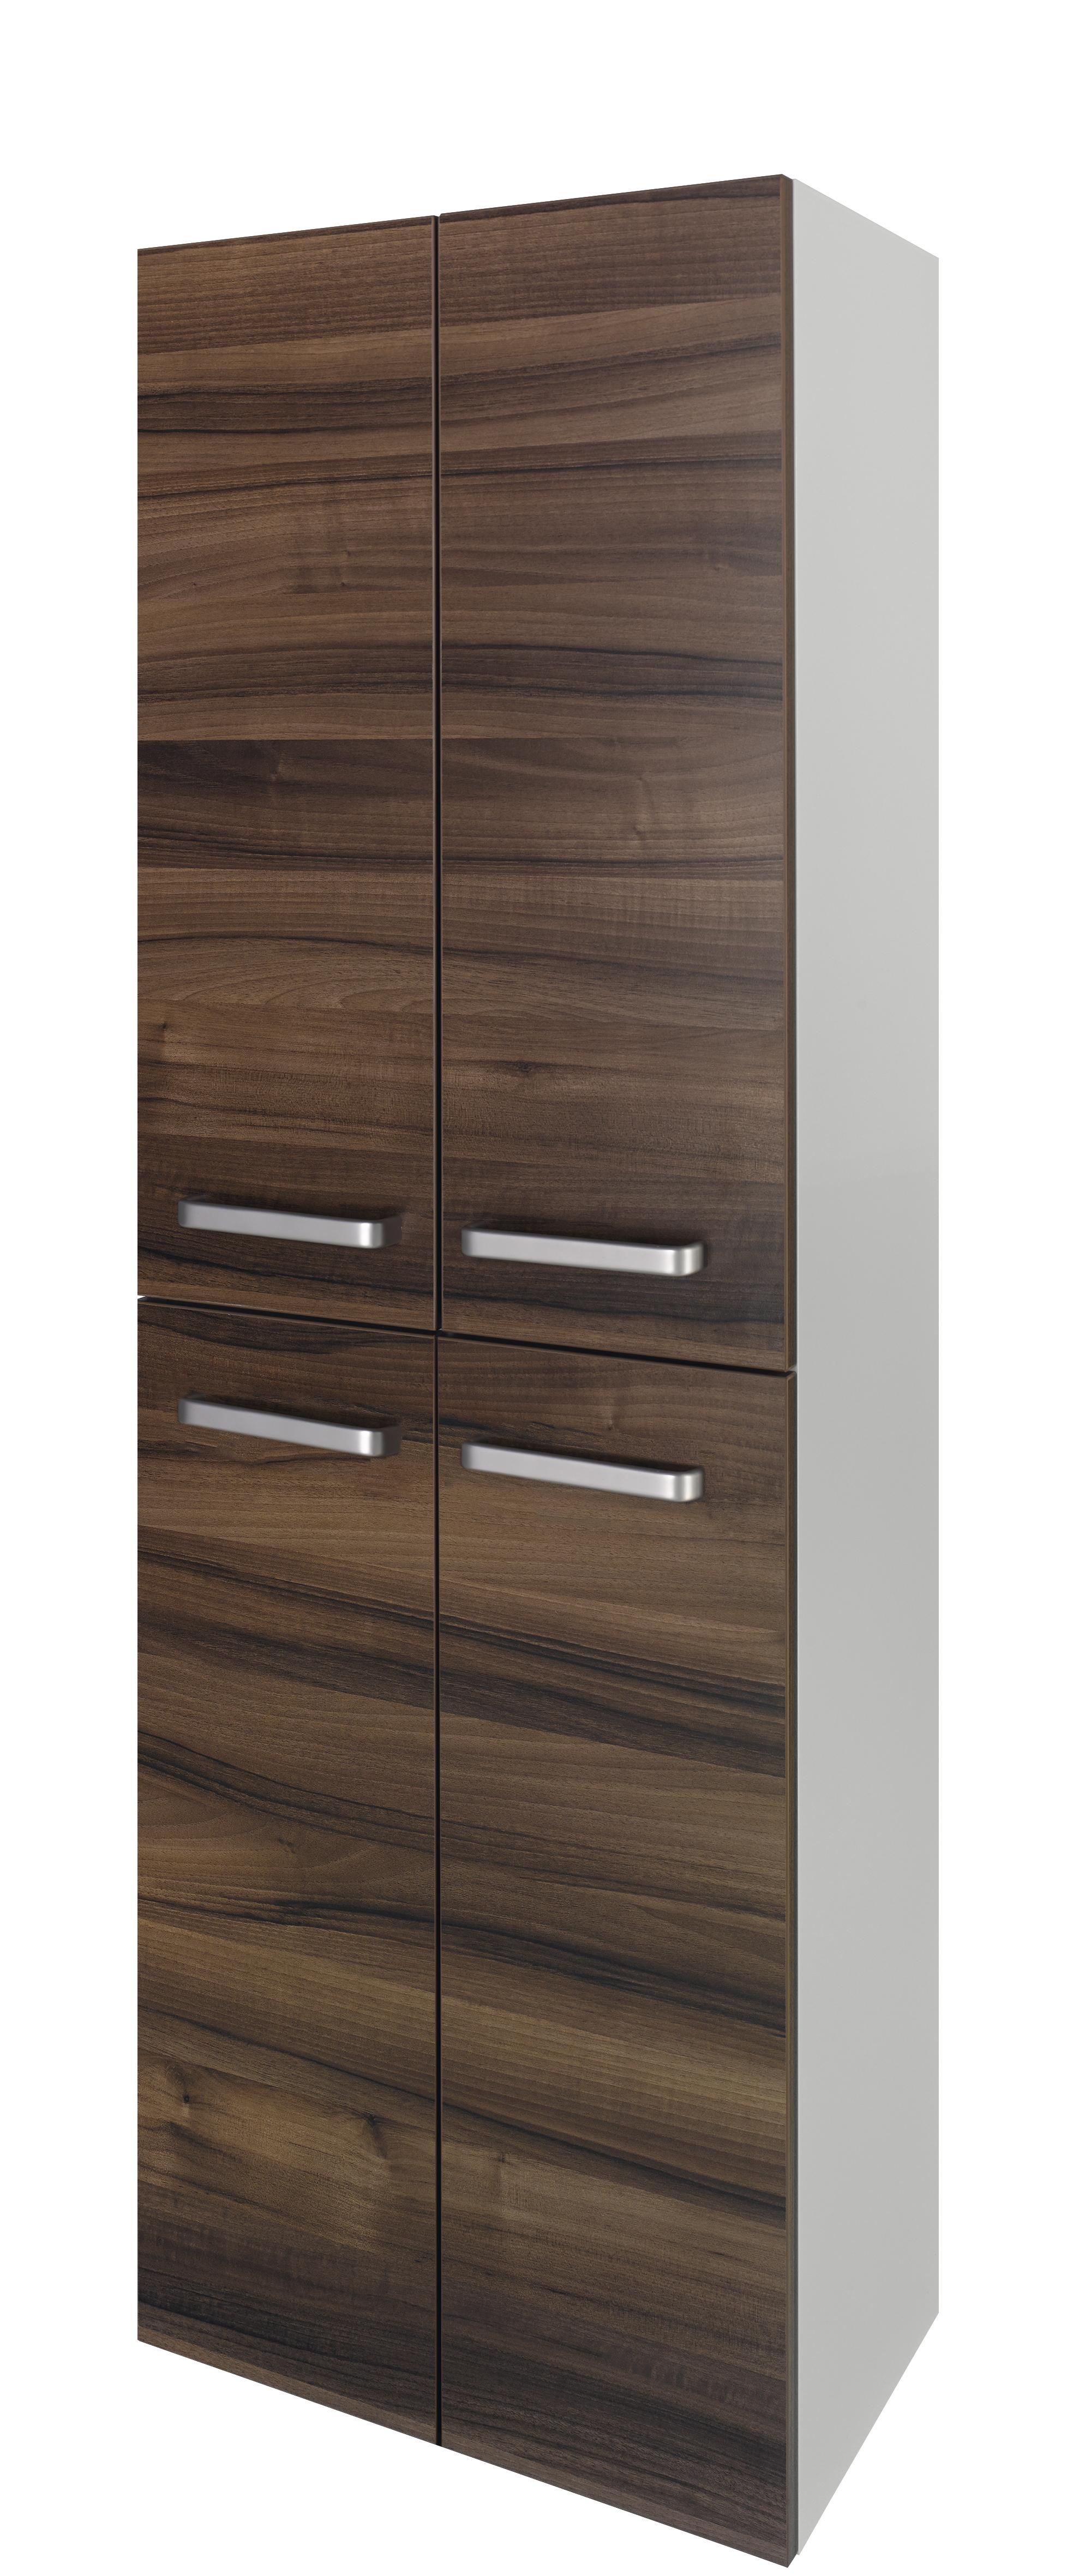 Пенал DrejaМебель для ванной комнаты<br>Тип: пенал,<br>Тип установки мебели для ванной: подвесной,<br>Материал изготовления мебели для ванной: дсп,<br>Цвет мебели для ванной: цвета под дерево<br>